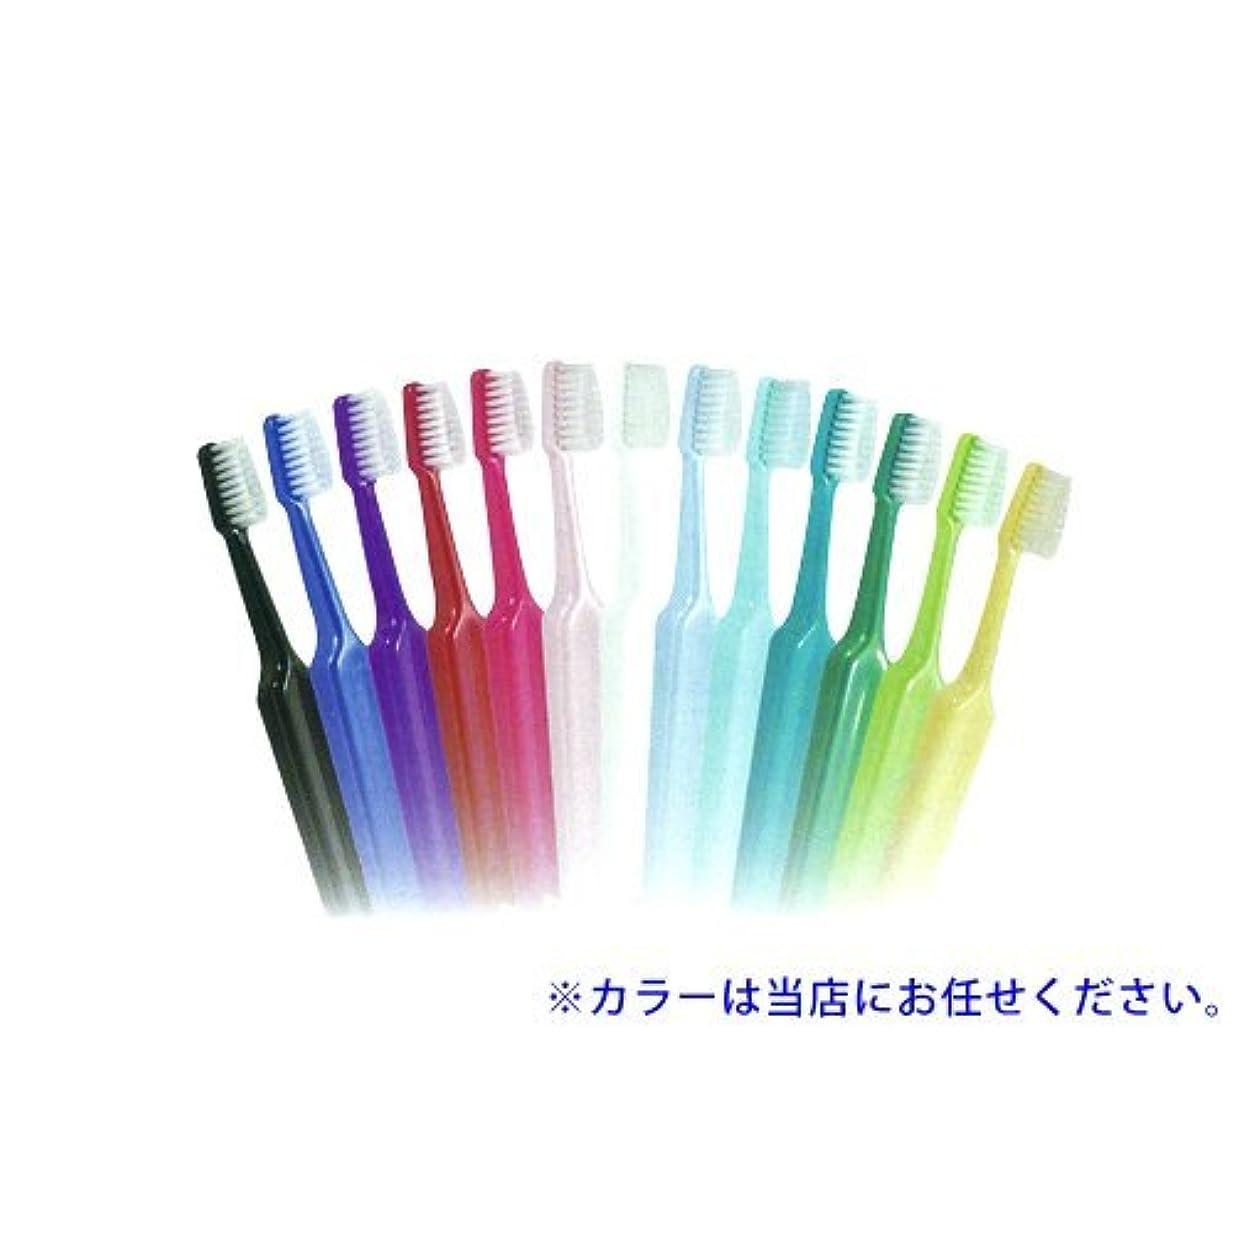 ポルノうぬぼれた検出するクロスフィールド TePe テペ セレクトミニ 歯ブラシ 1本 ソフト